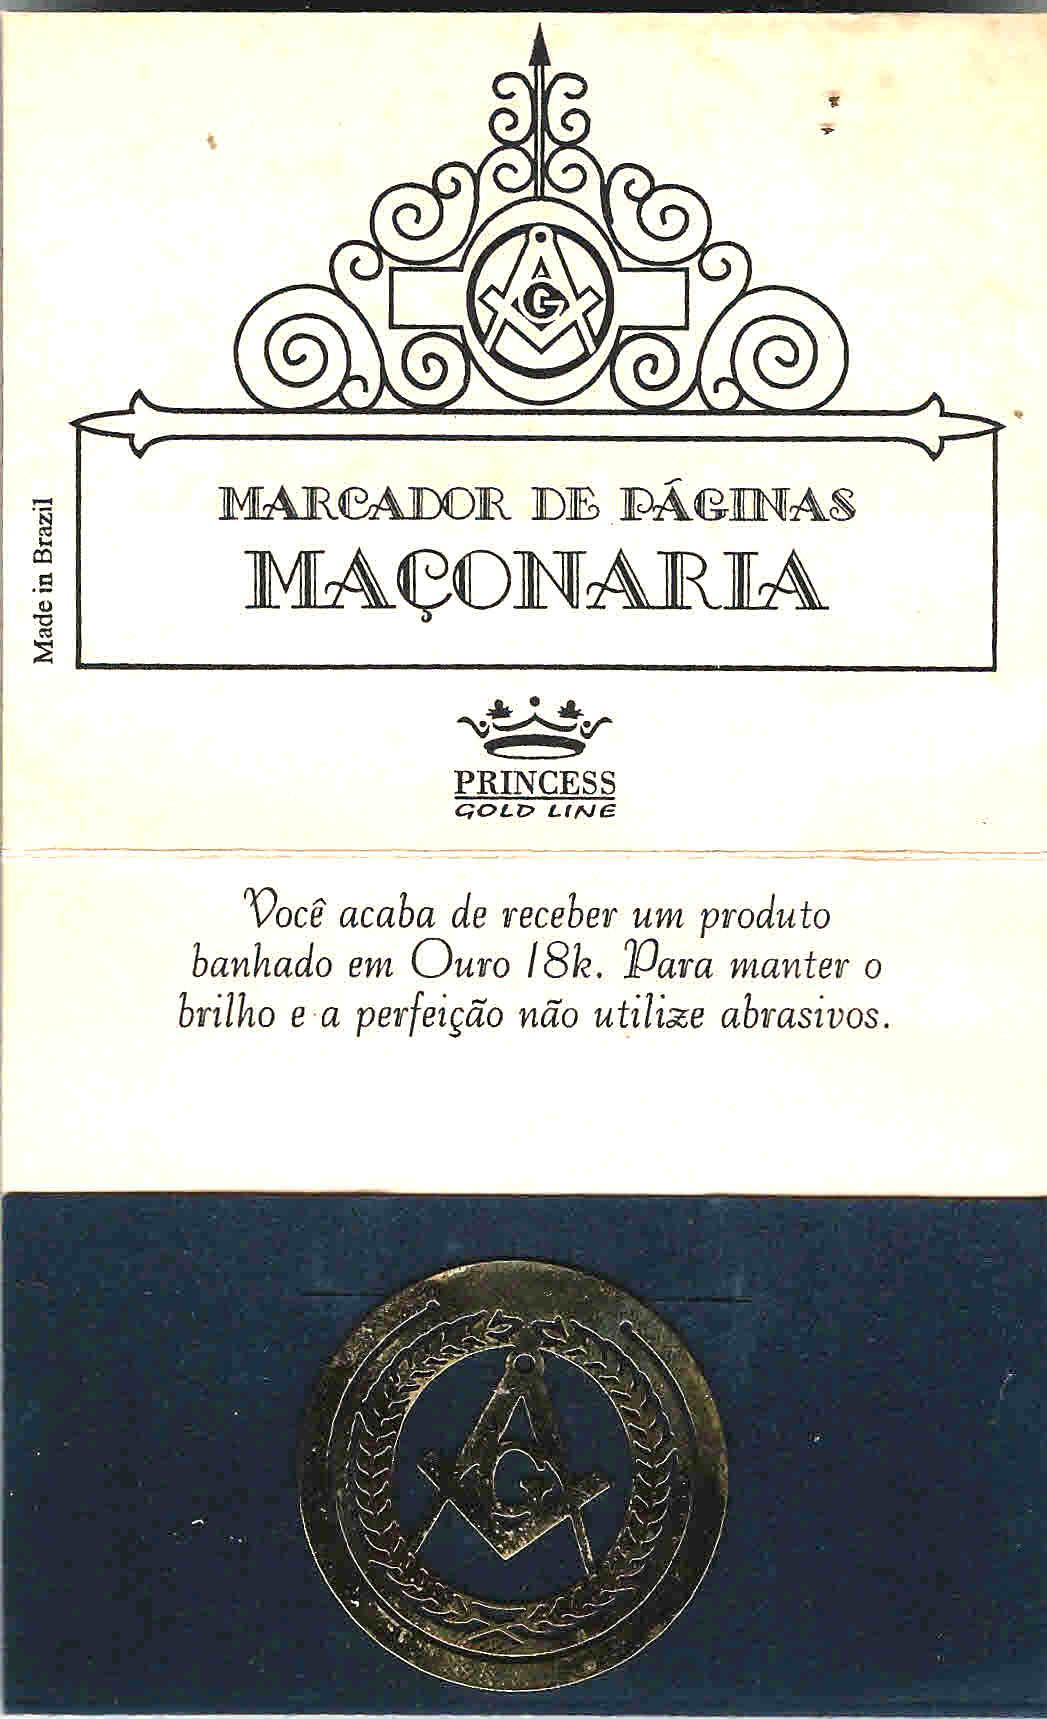 85a6ded70fe COLECÇÃO MAÇÓNICA – OBJECTOS VÁRIOS – EPHEMERA – Biblioteca e ...